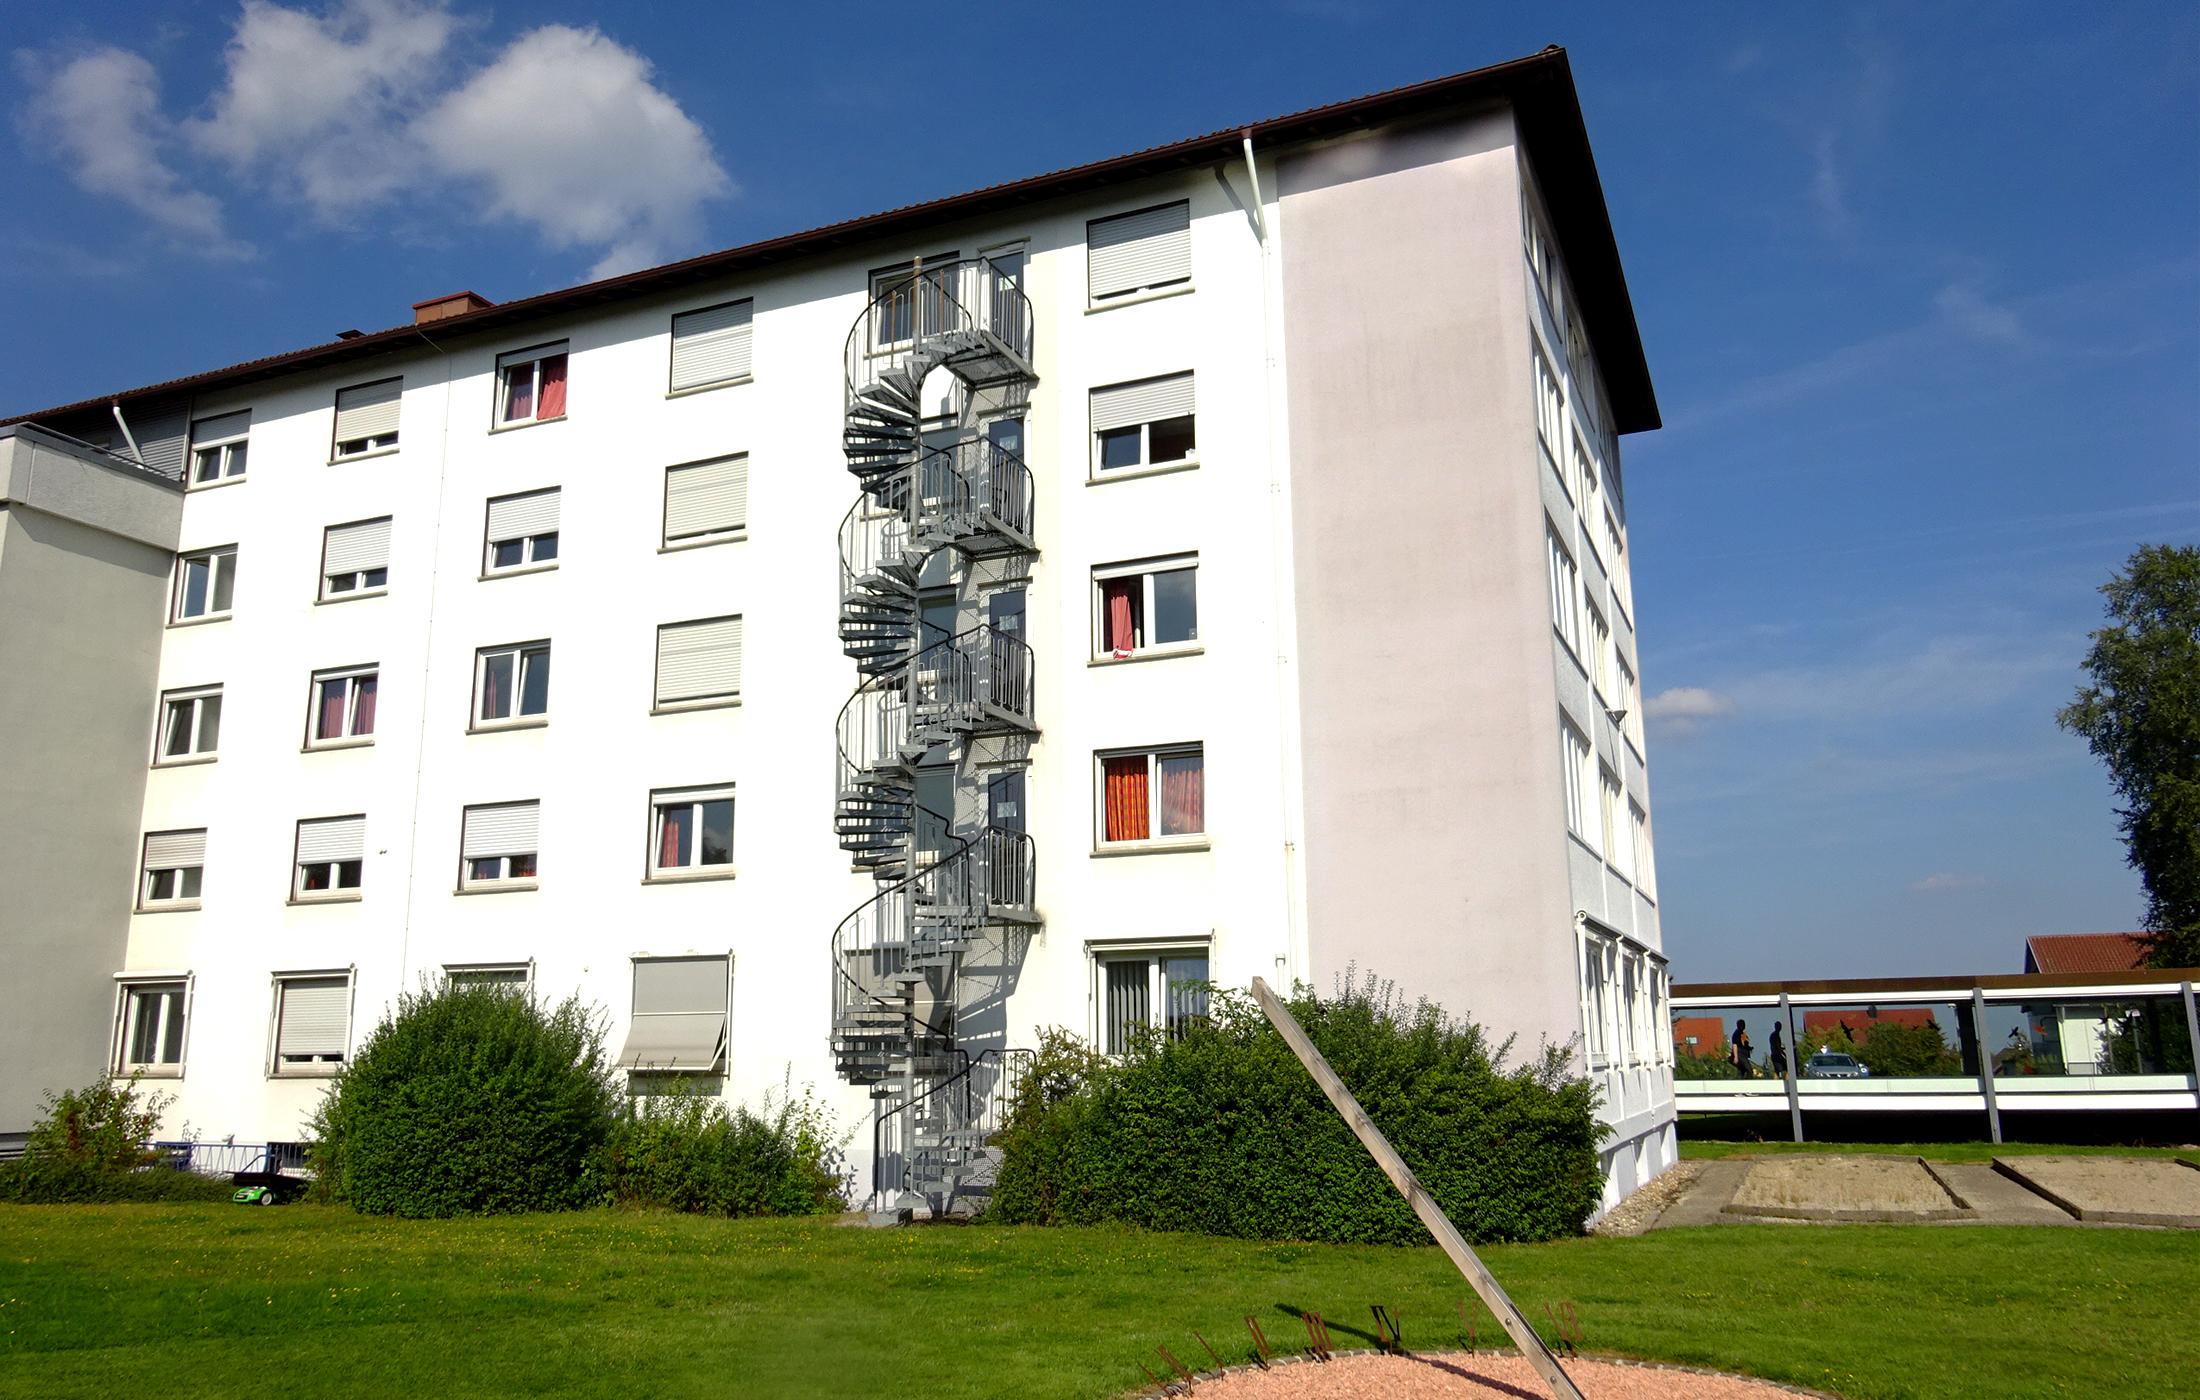 2019, Sanierung und Umbau Internatsgebäude J-A Berufsförderungswerk Schömberg e.V.